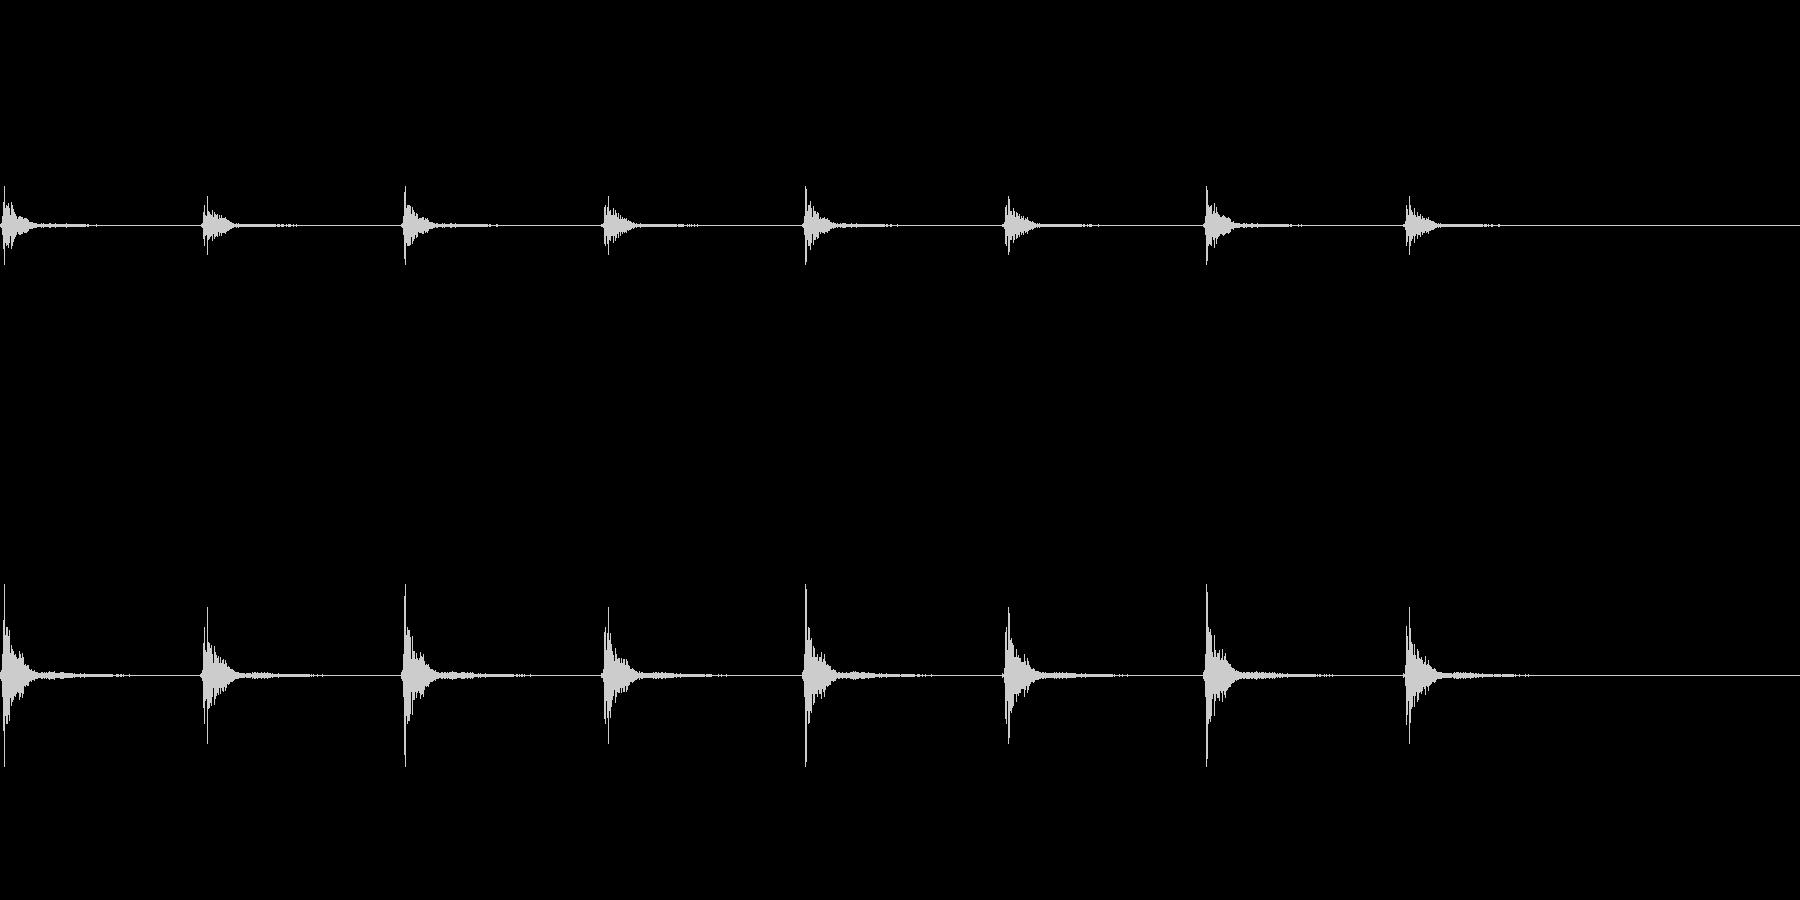 柱時計の秒針_その2の未再生の波形